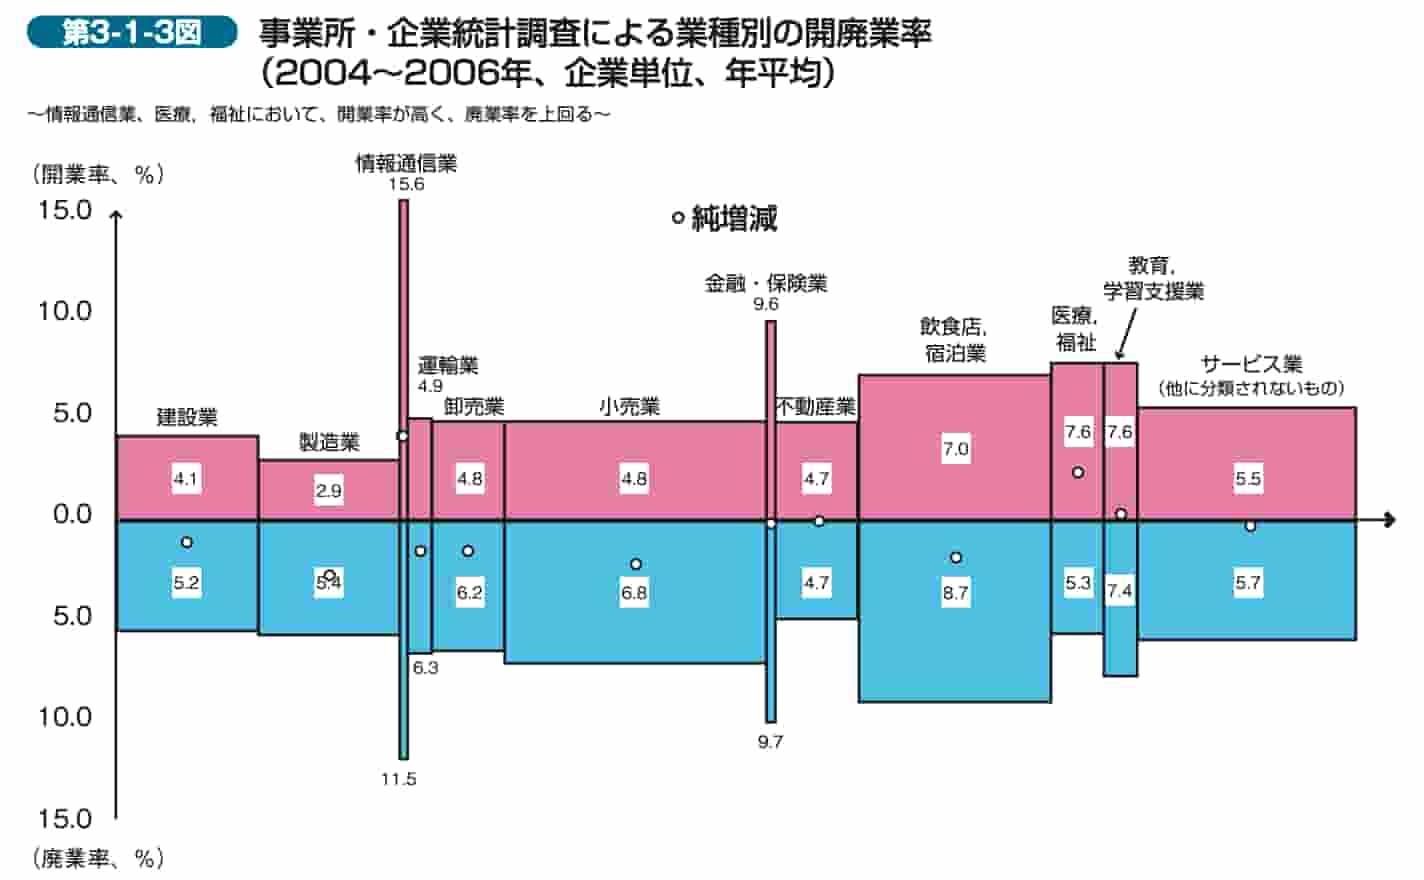 第3-1-3図 事業所・企業統計調査による業種別の開廃業率